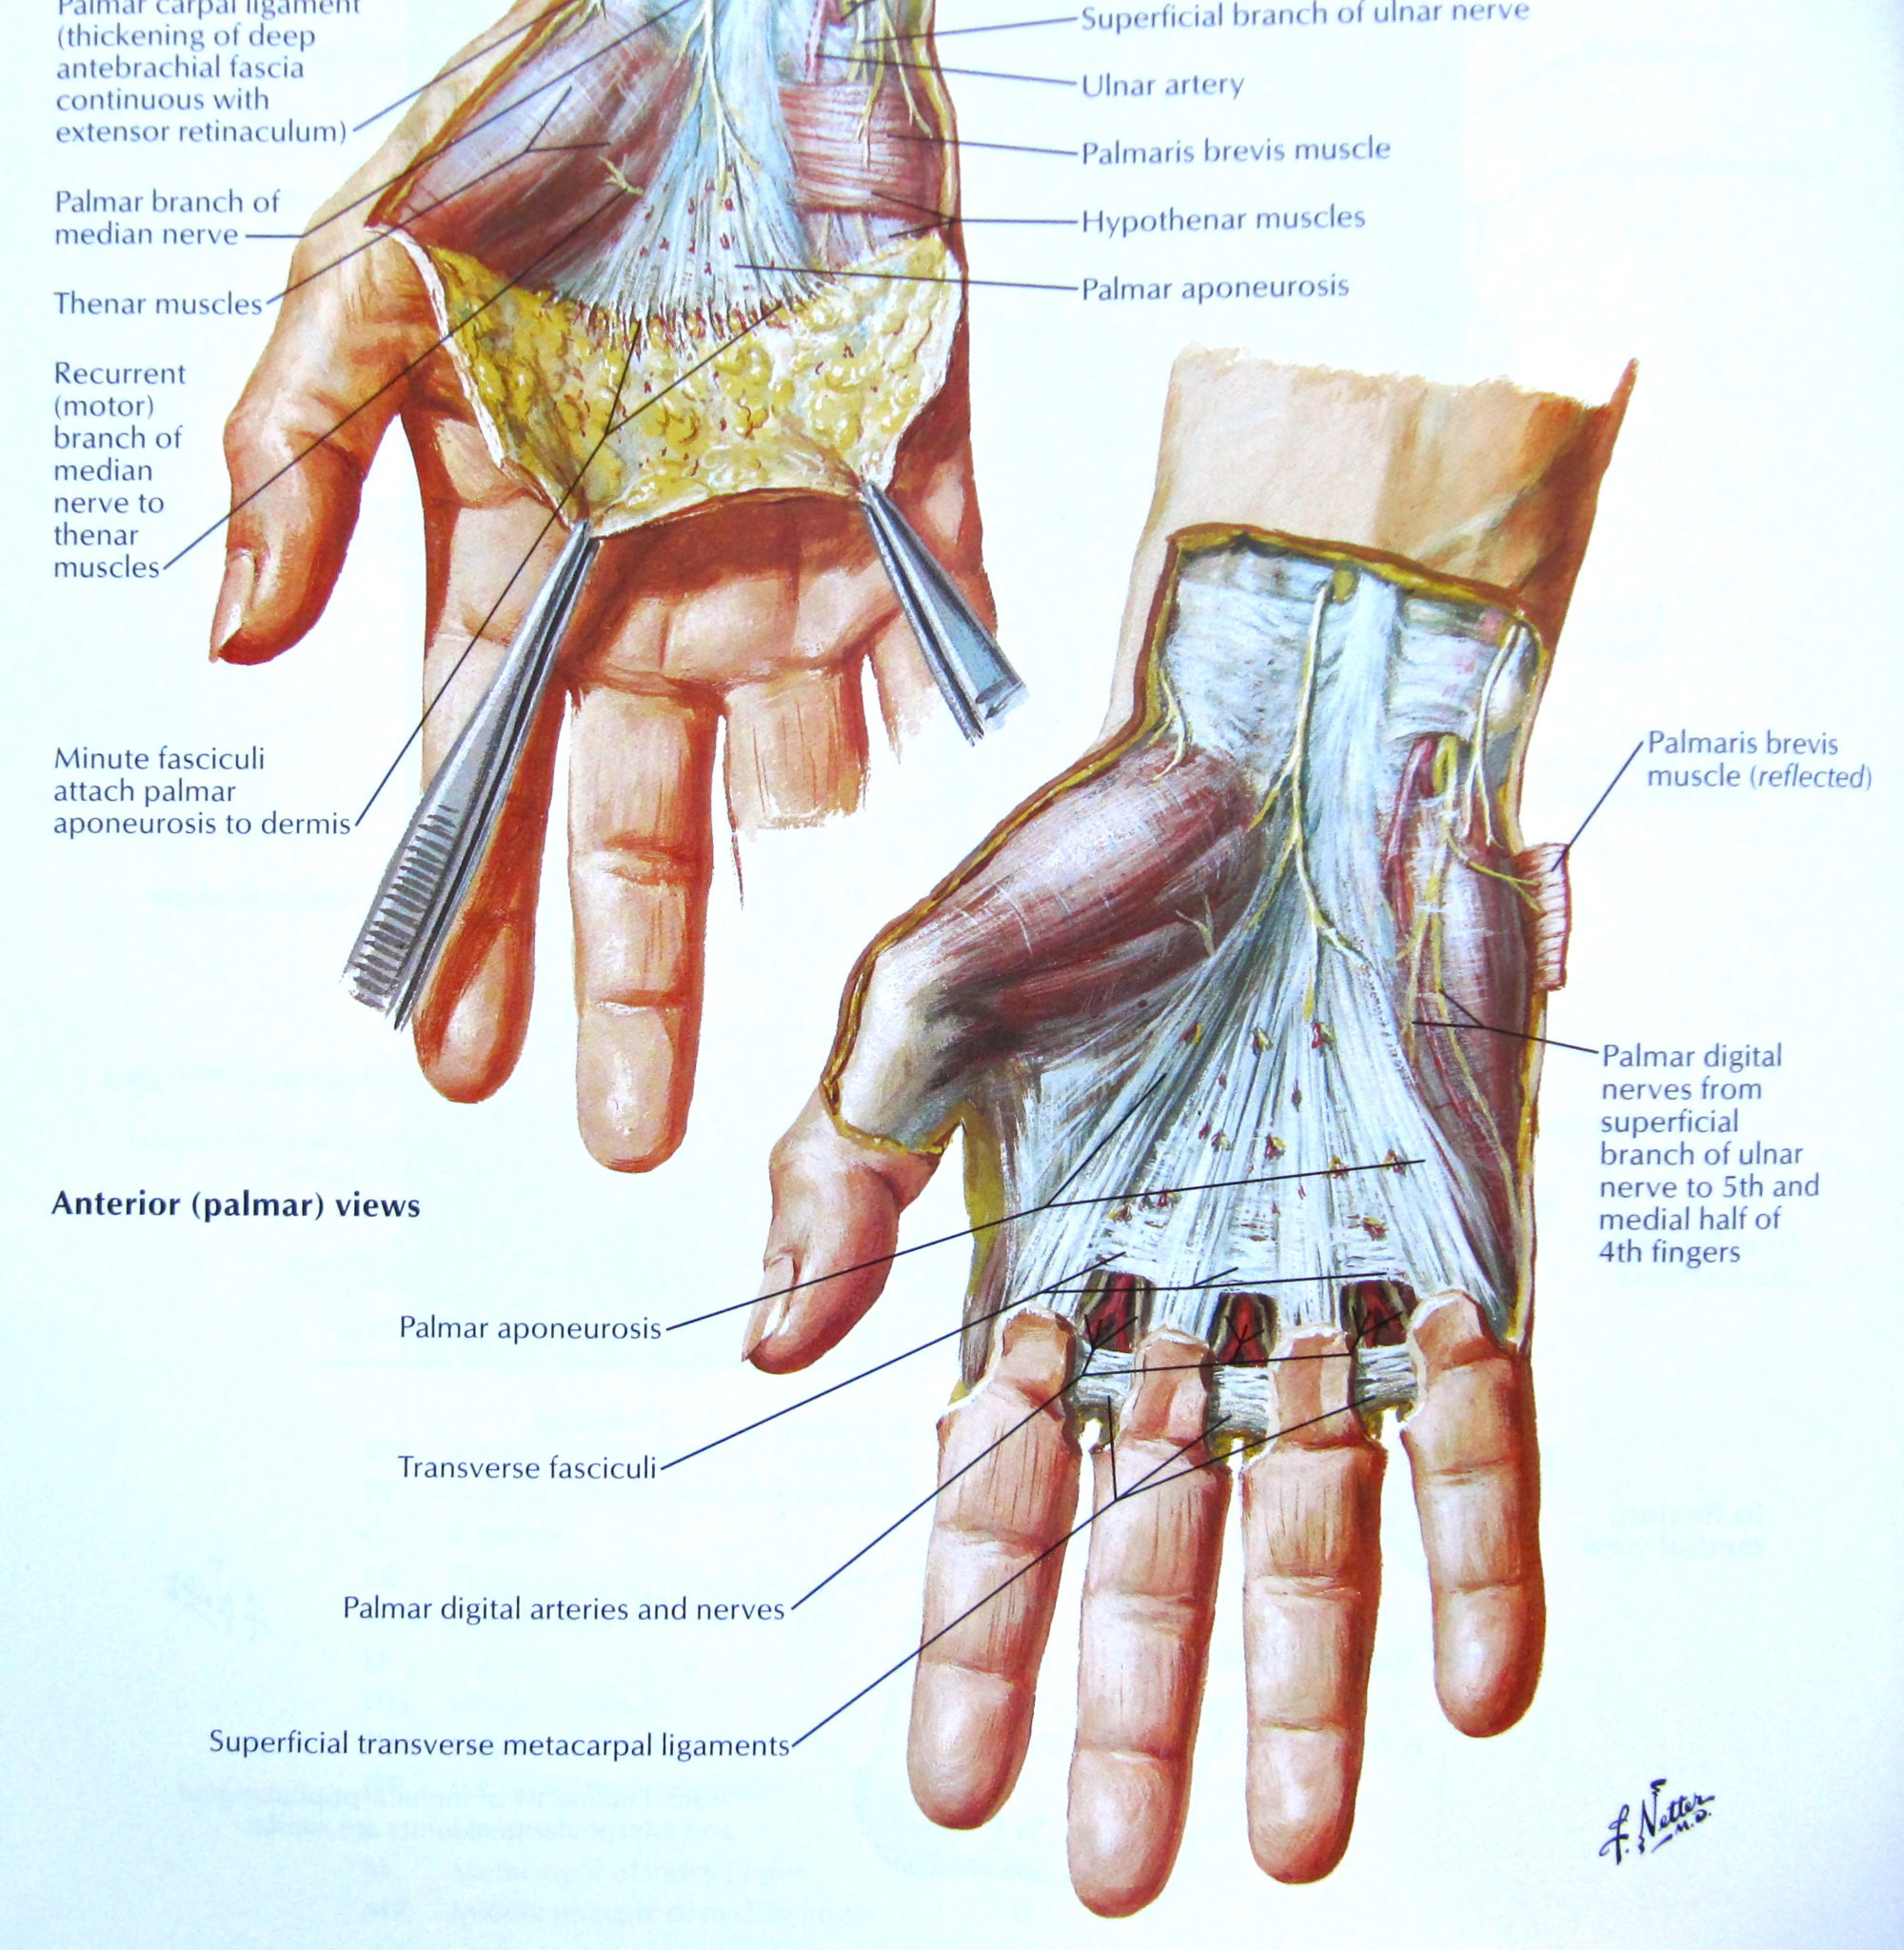 Netters Anatomy Atlas Finger